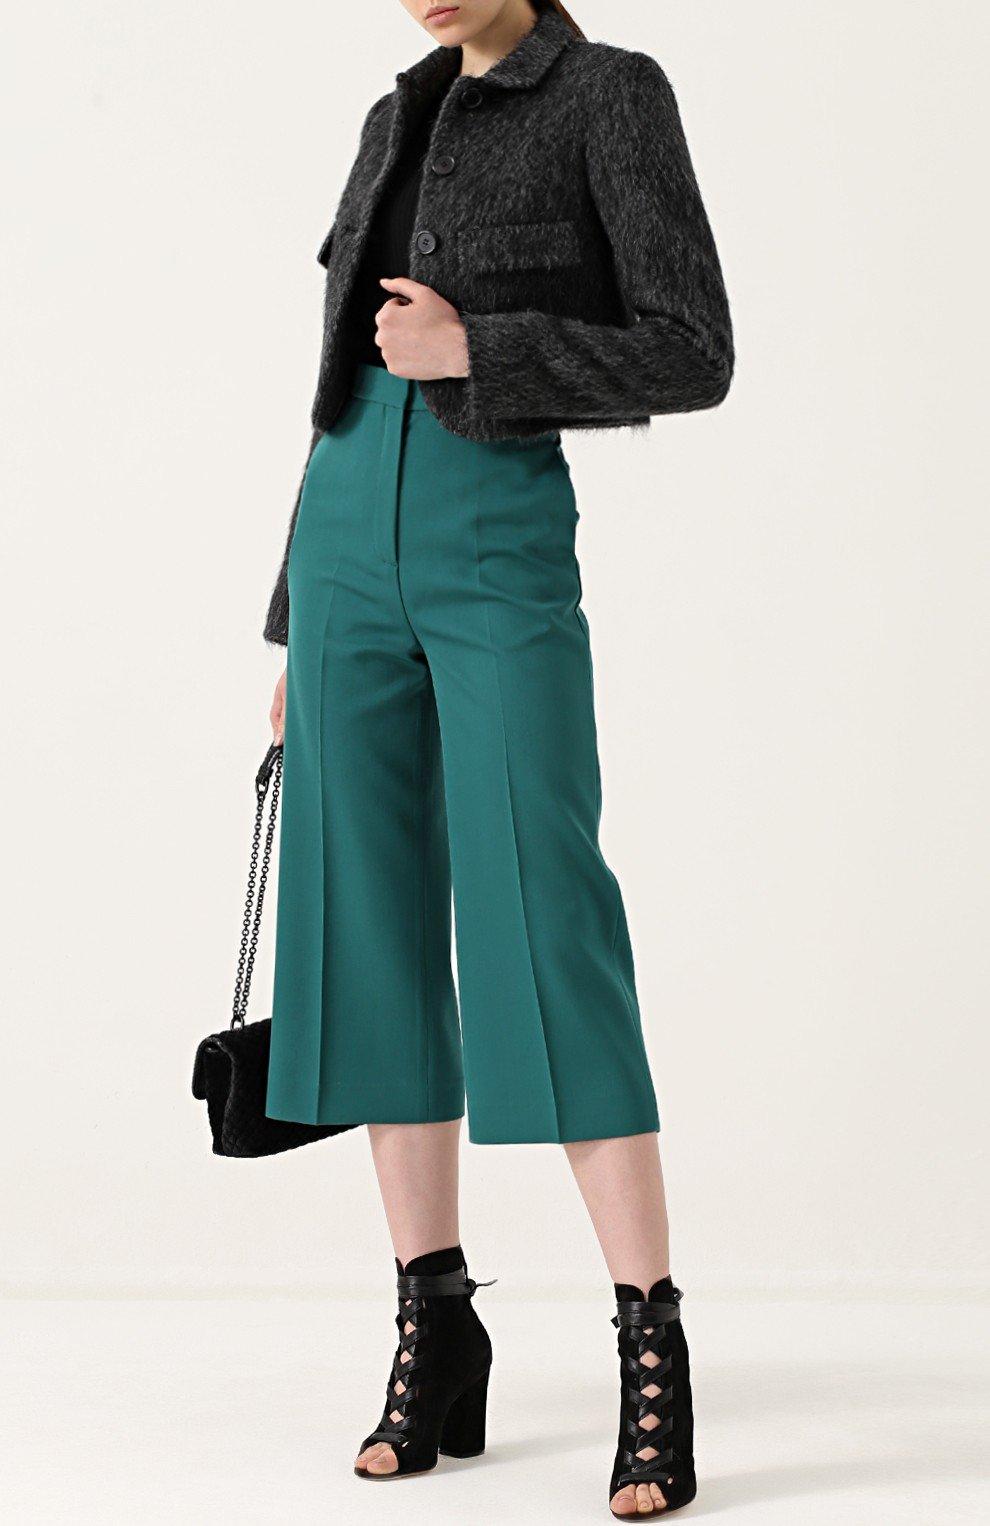 женский теплый короткий пиджак модный в 2018 году